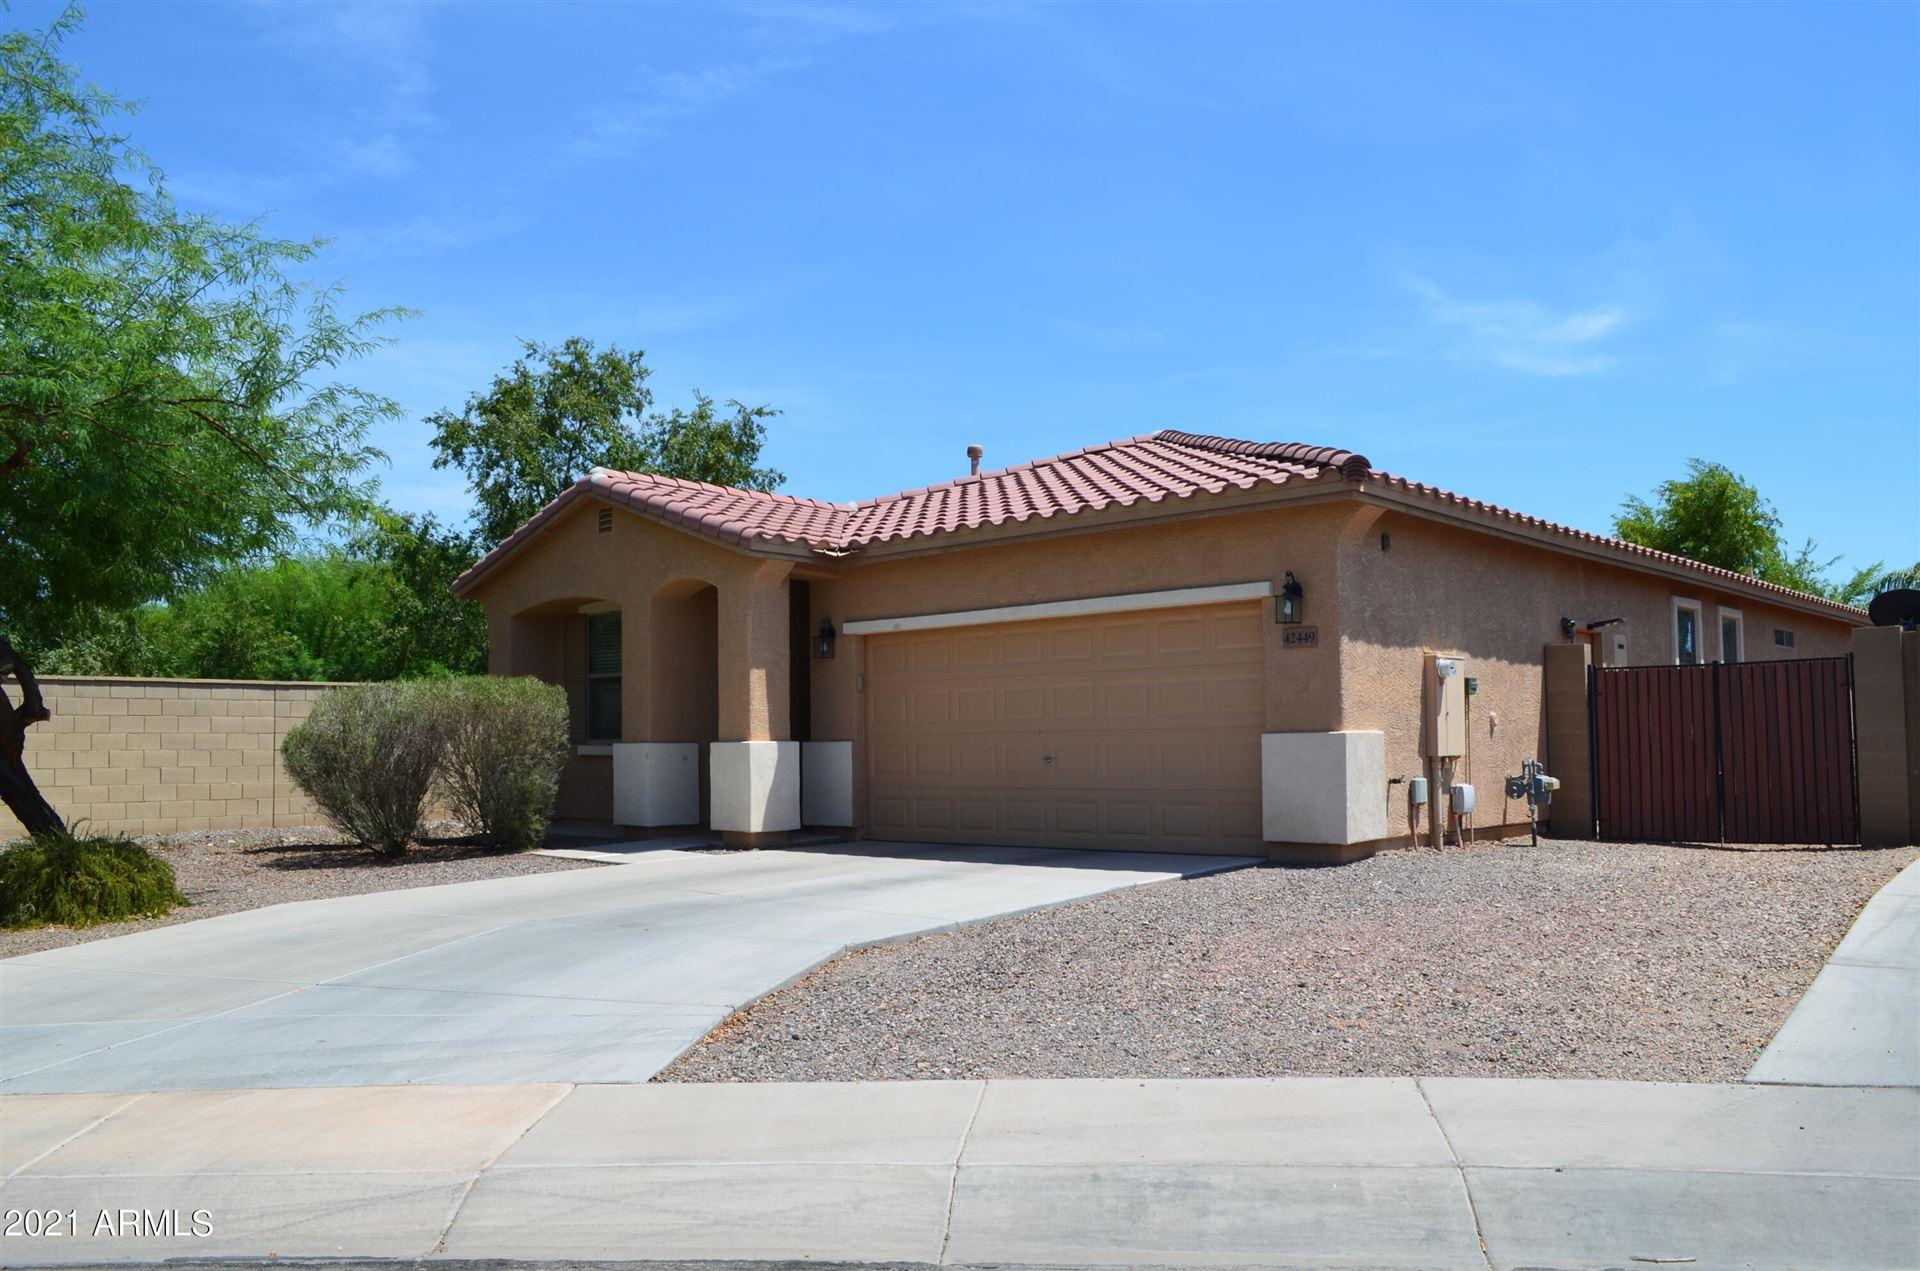 Photo for 42449 W Centennial Court, Maricopa, AZ 85138 (MLS # 6259577)